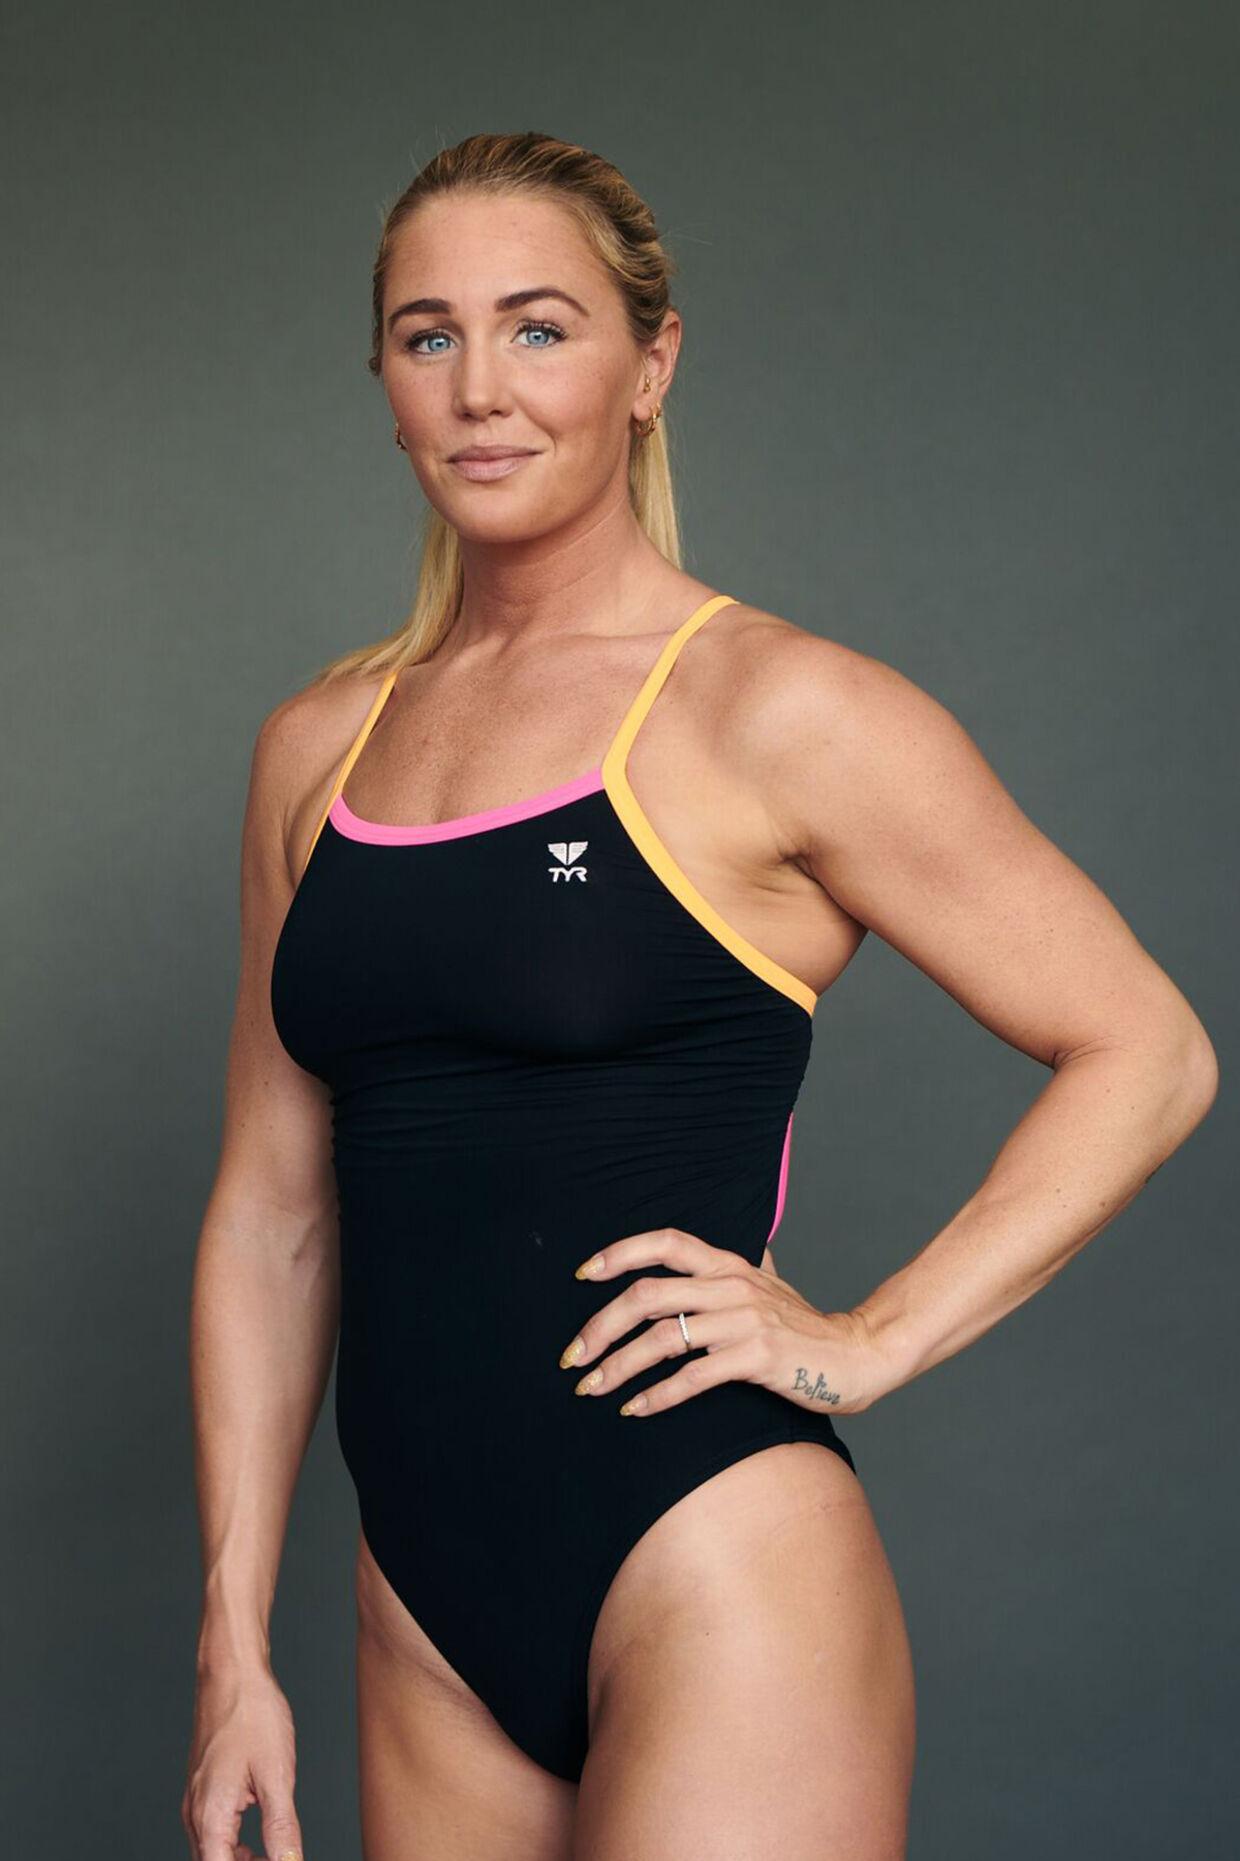 Jeanette Ottesen er 30 år.. Hun er verdensmester, OL-medaljetager og europamester. Hun har 15 års erfaring i verdenseliten